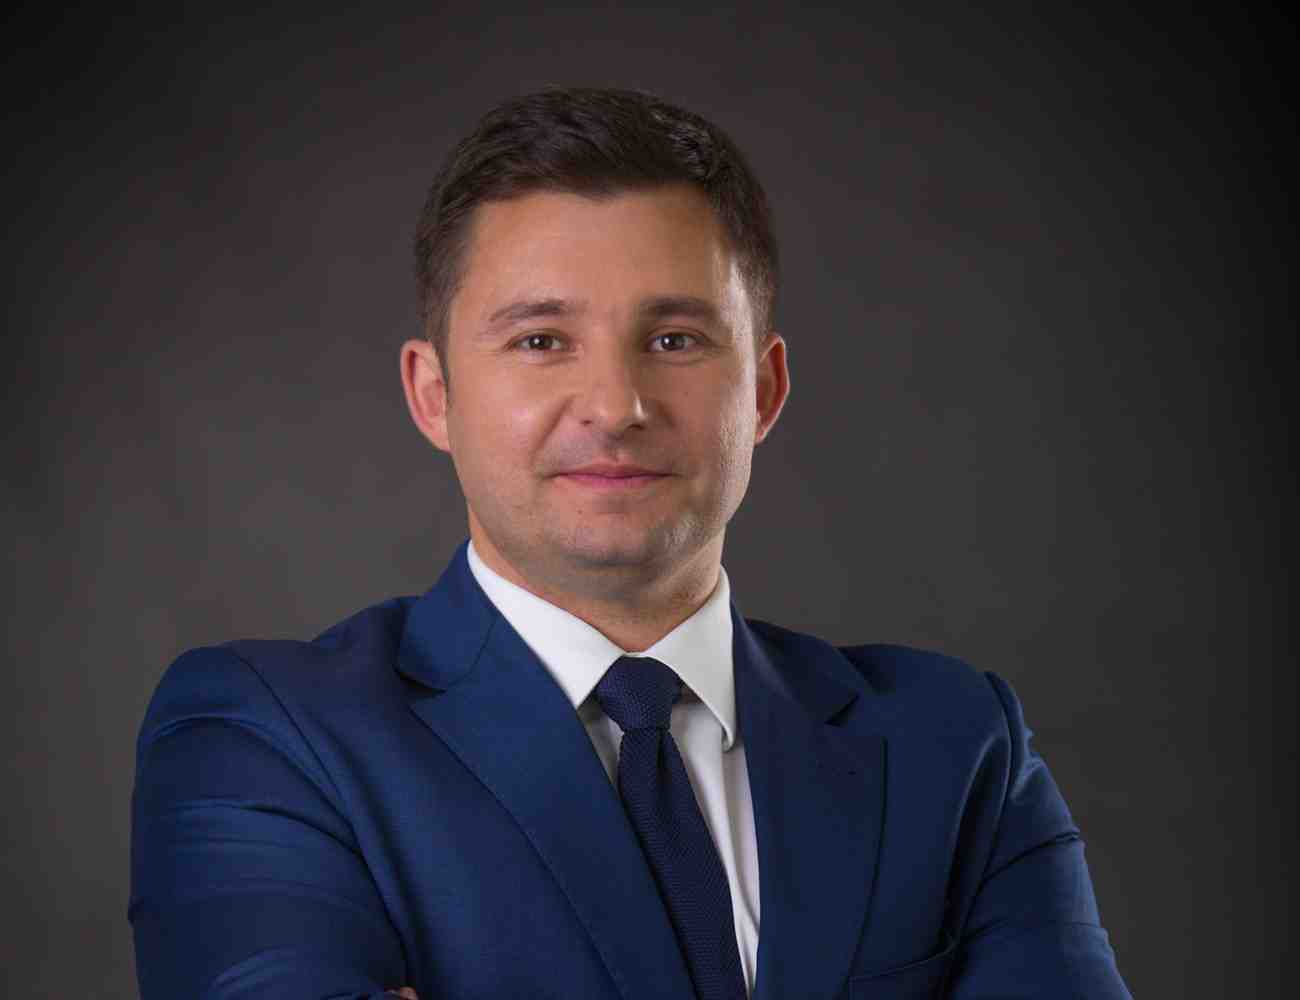 Maciej Buczkowski